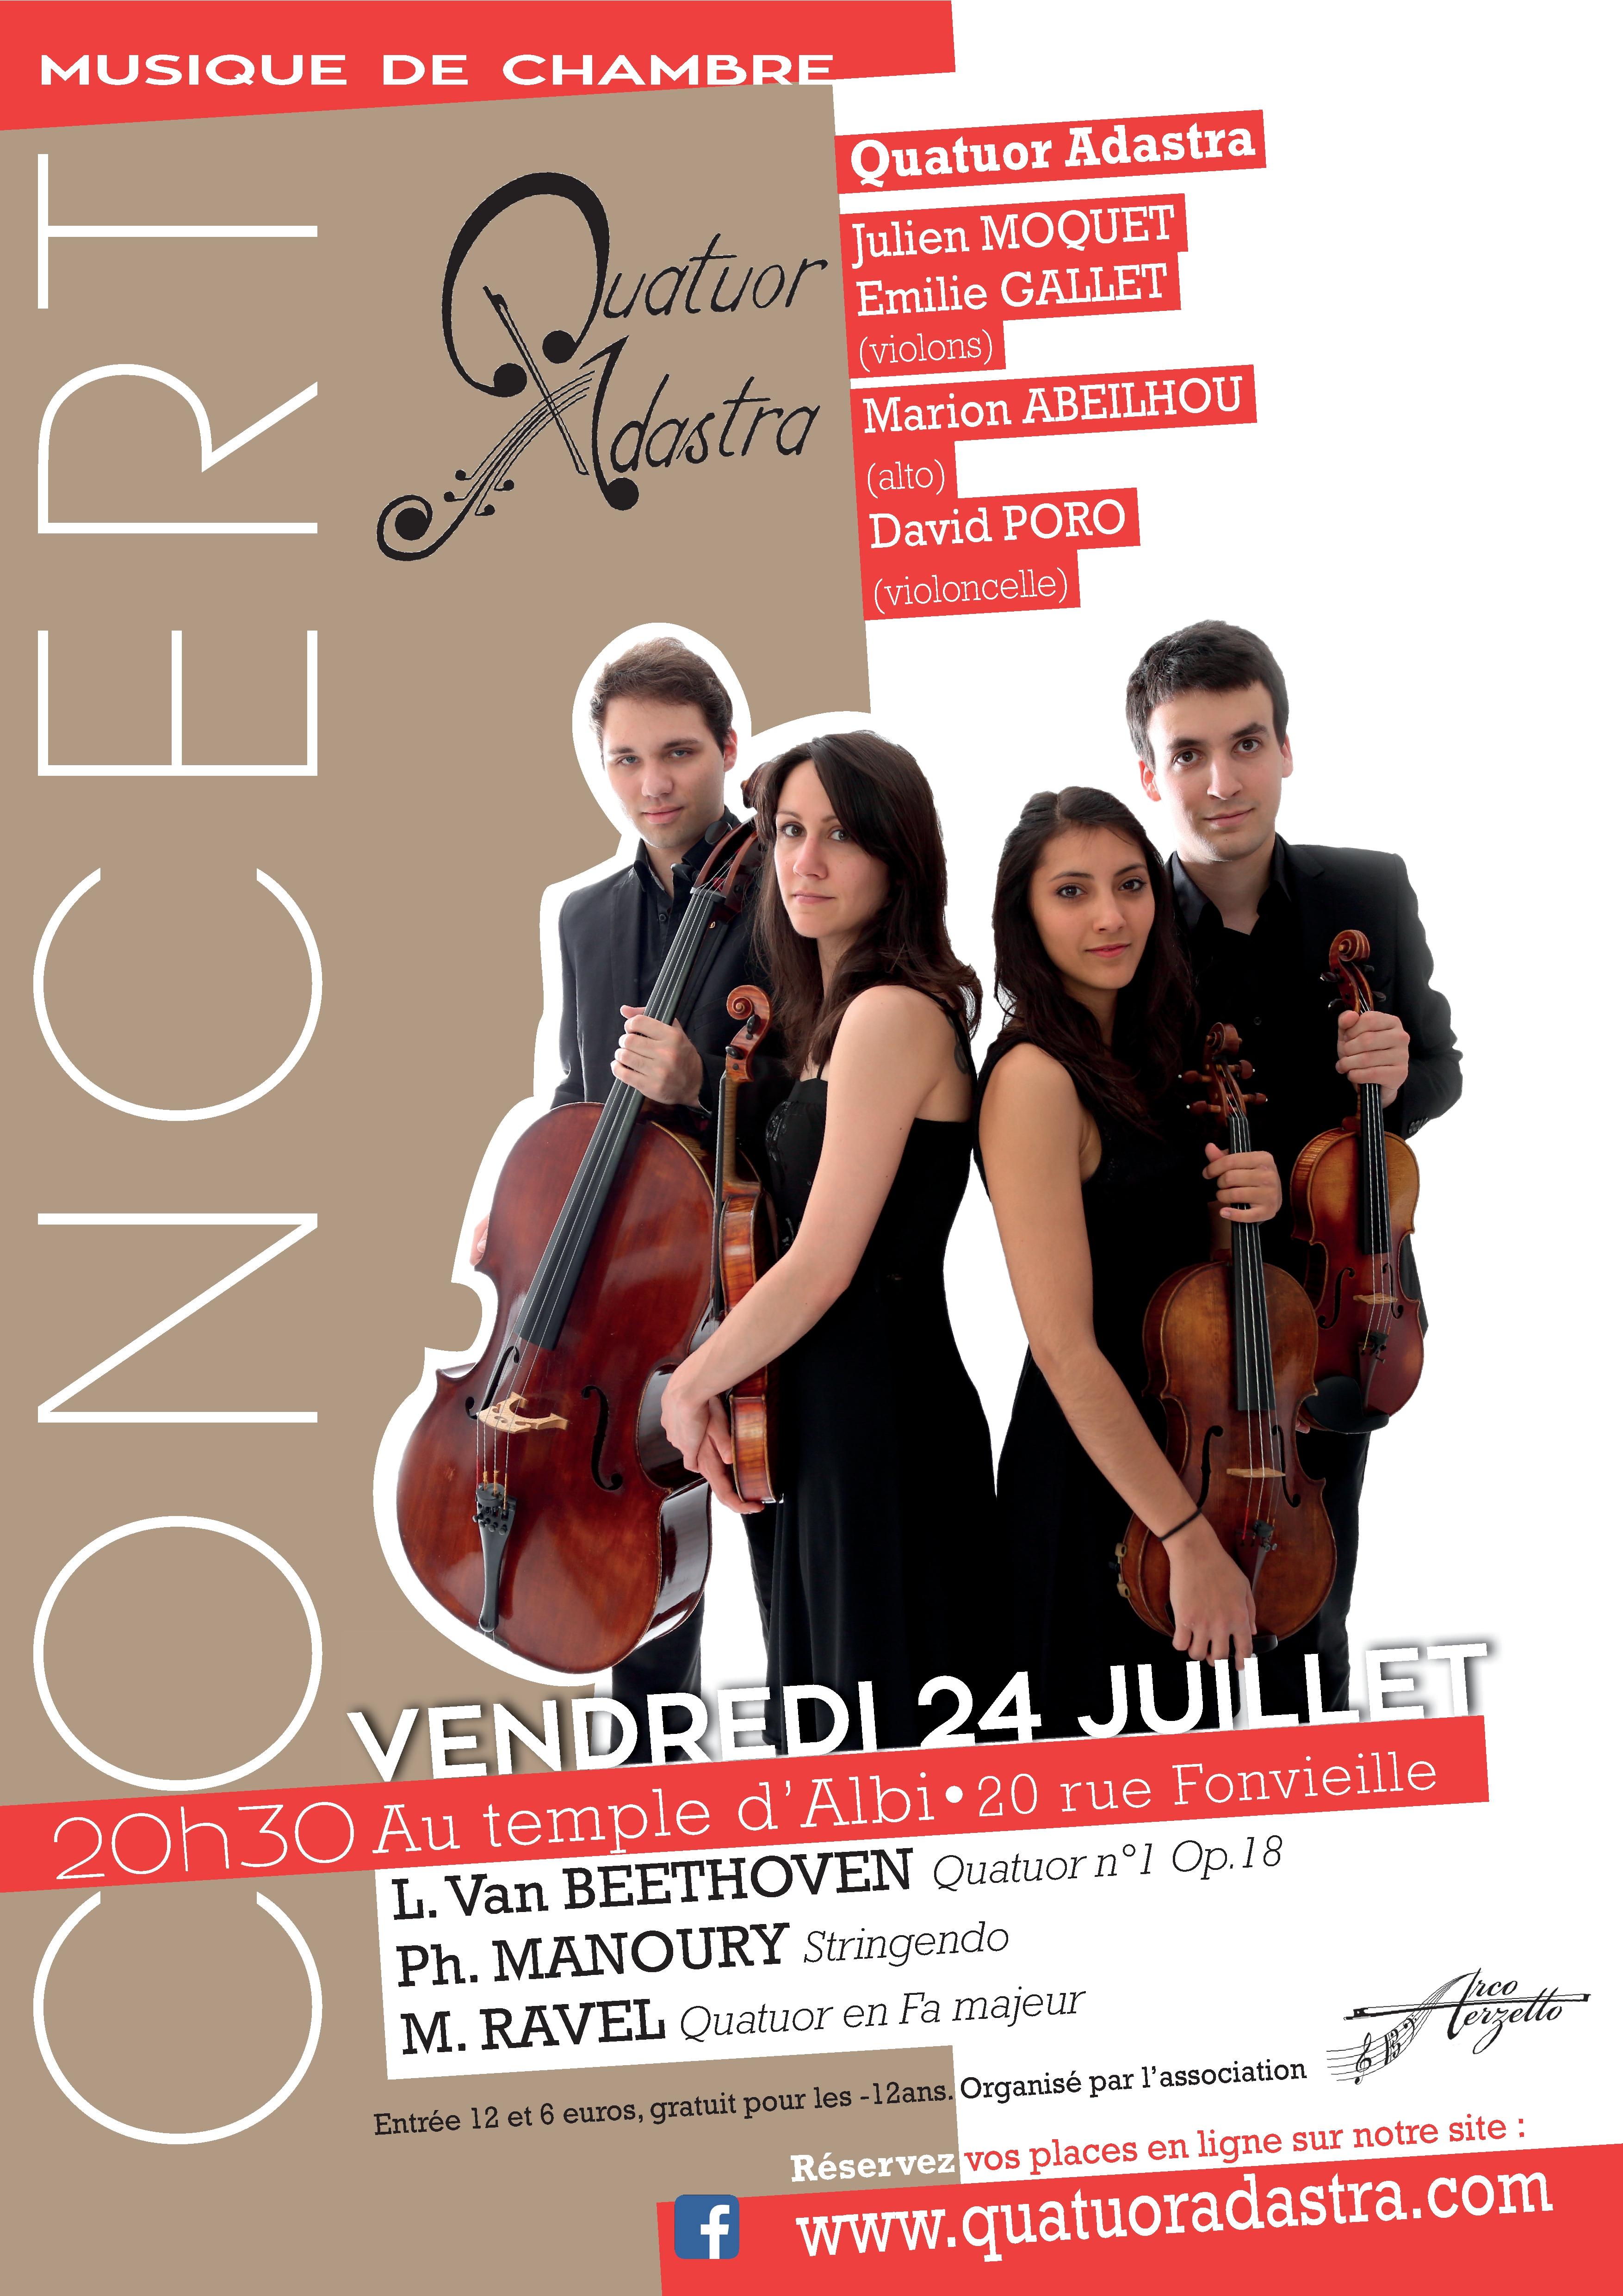 Quatuor Adastra Albi 2015